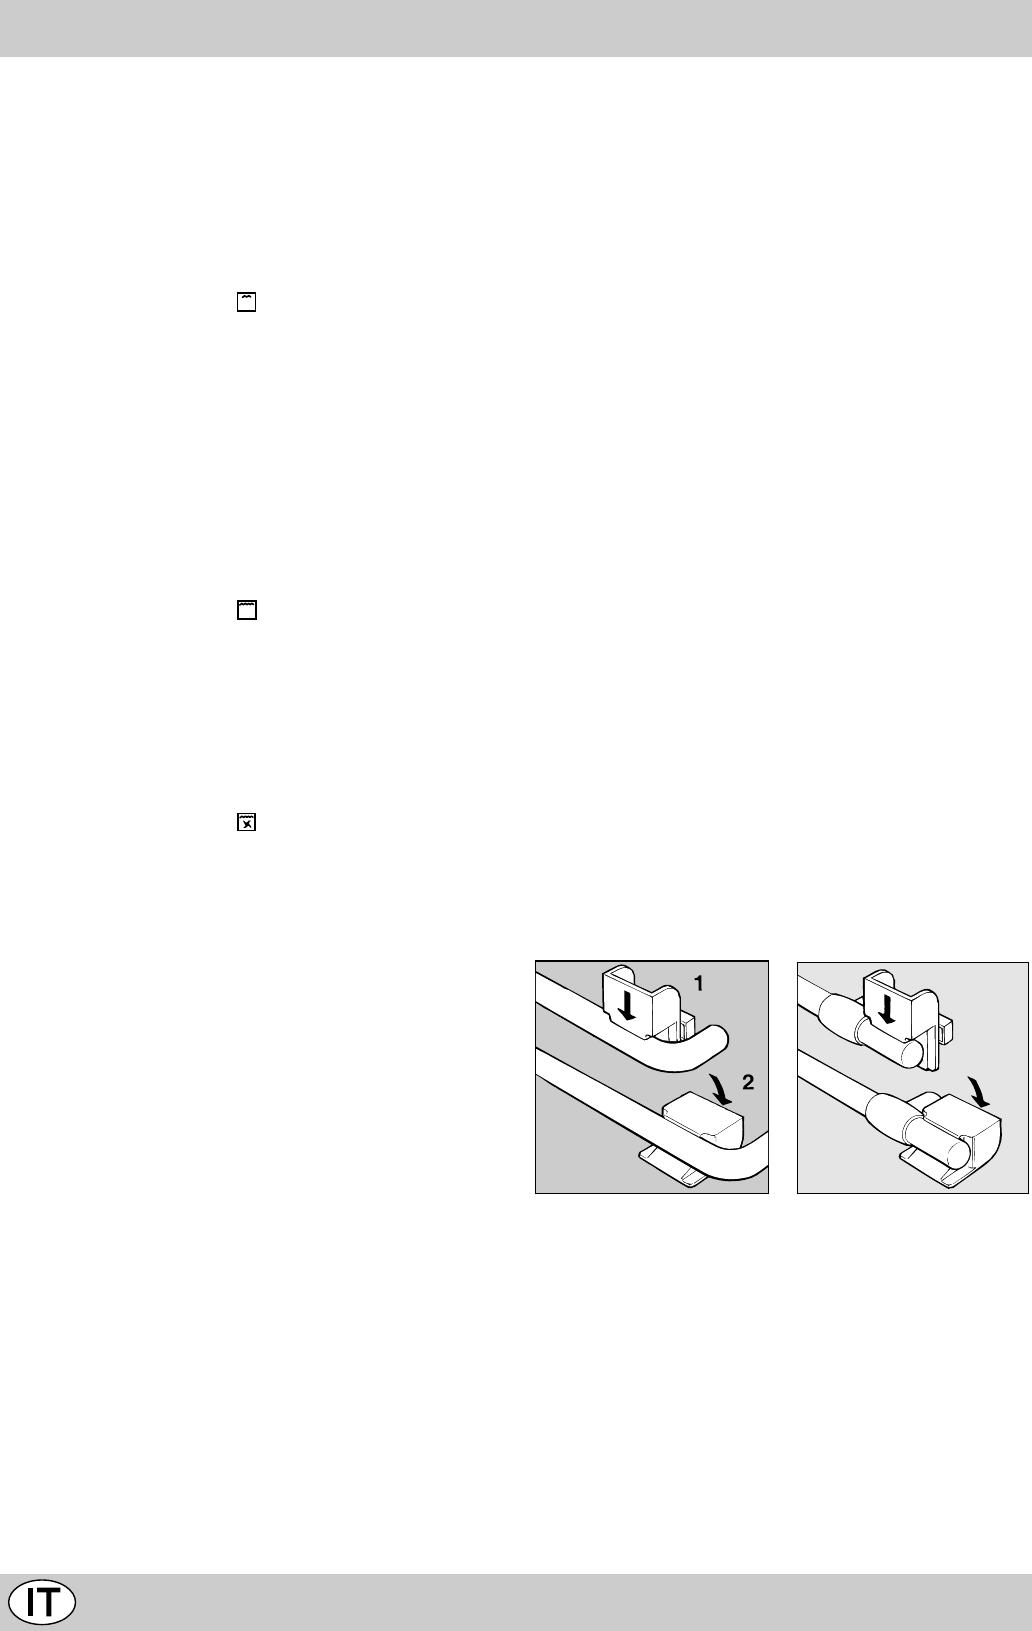 Bedienungsanleitung Ariston Fm 22 M Ix Seite 5 Von 26